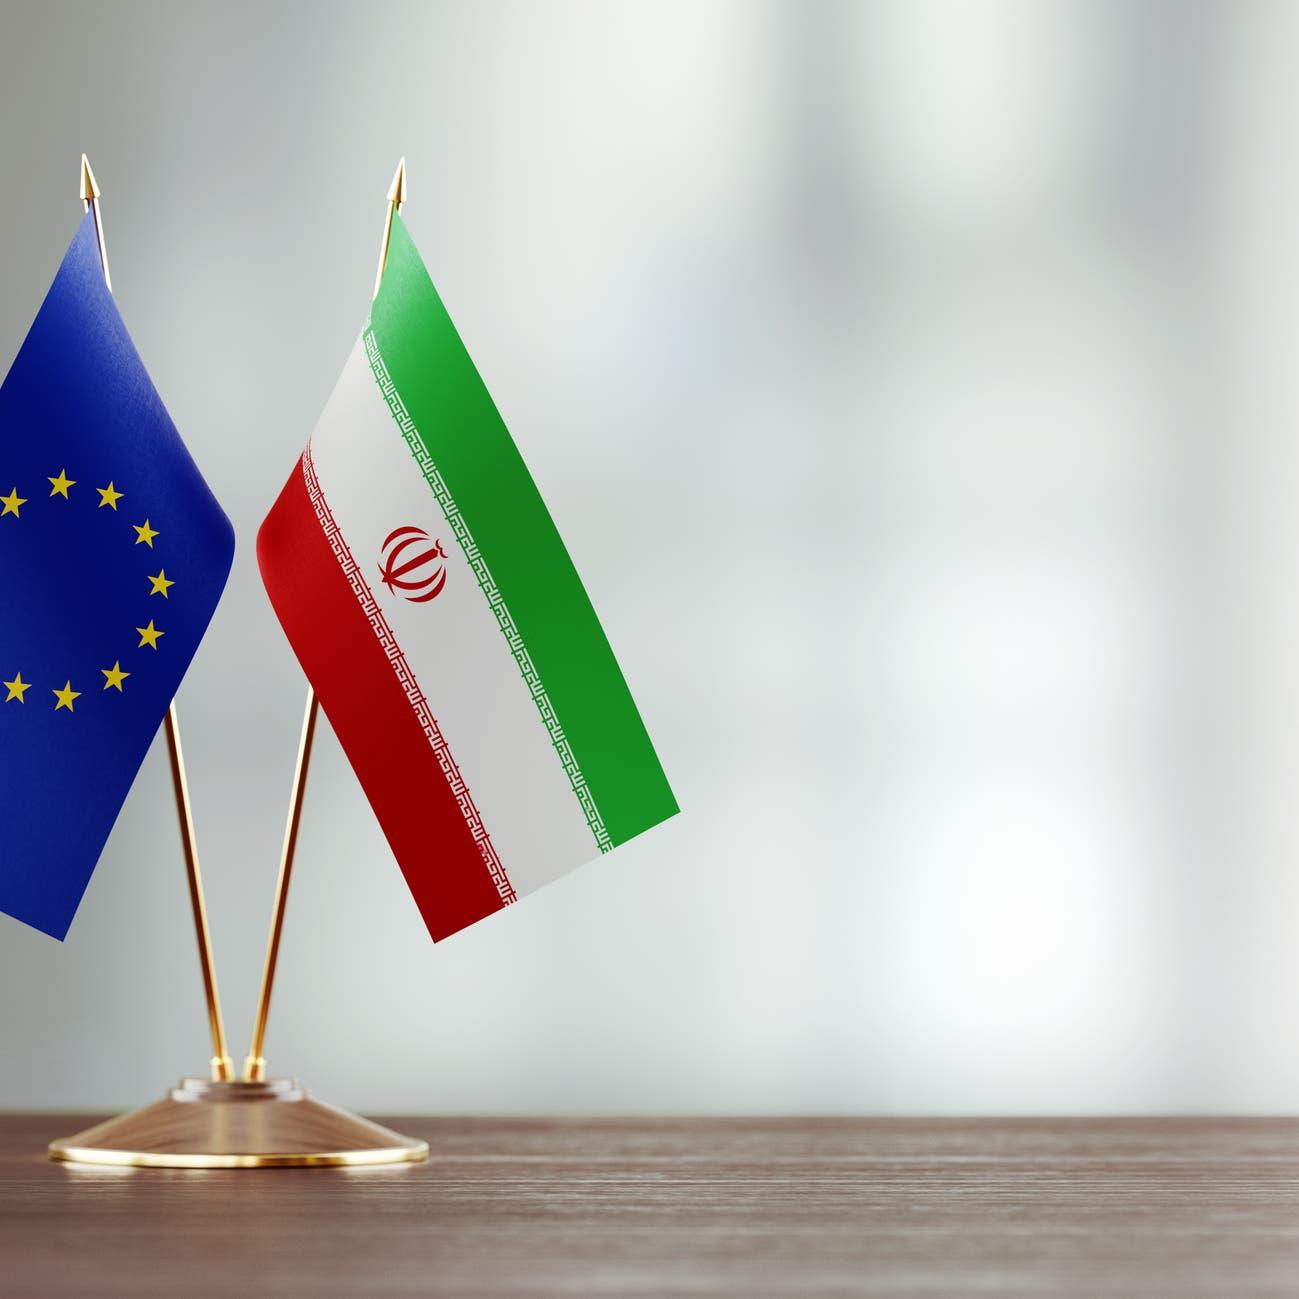 أوروبا تهدد إيران سراً.. التزموا أو ننسحب من الاتفاق